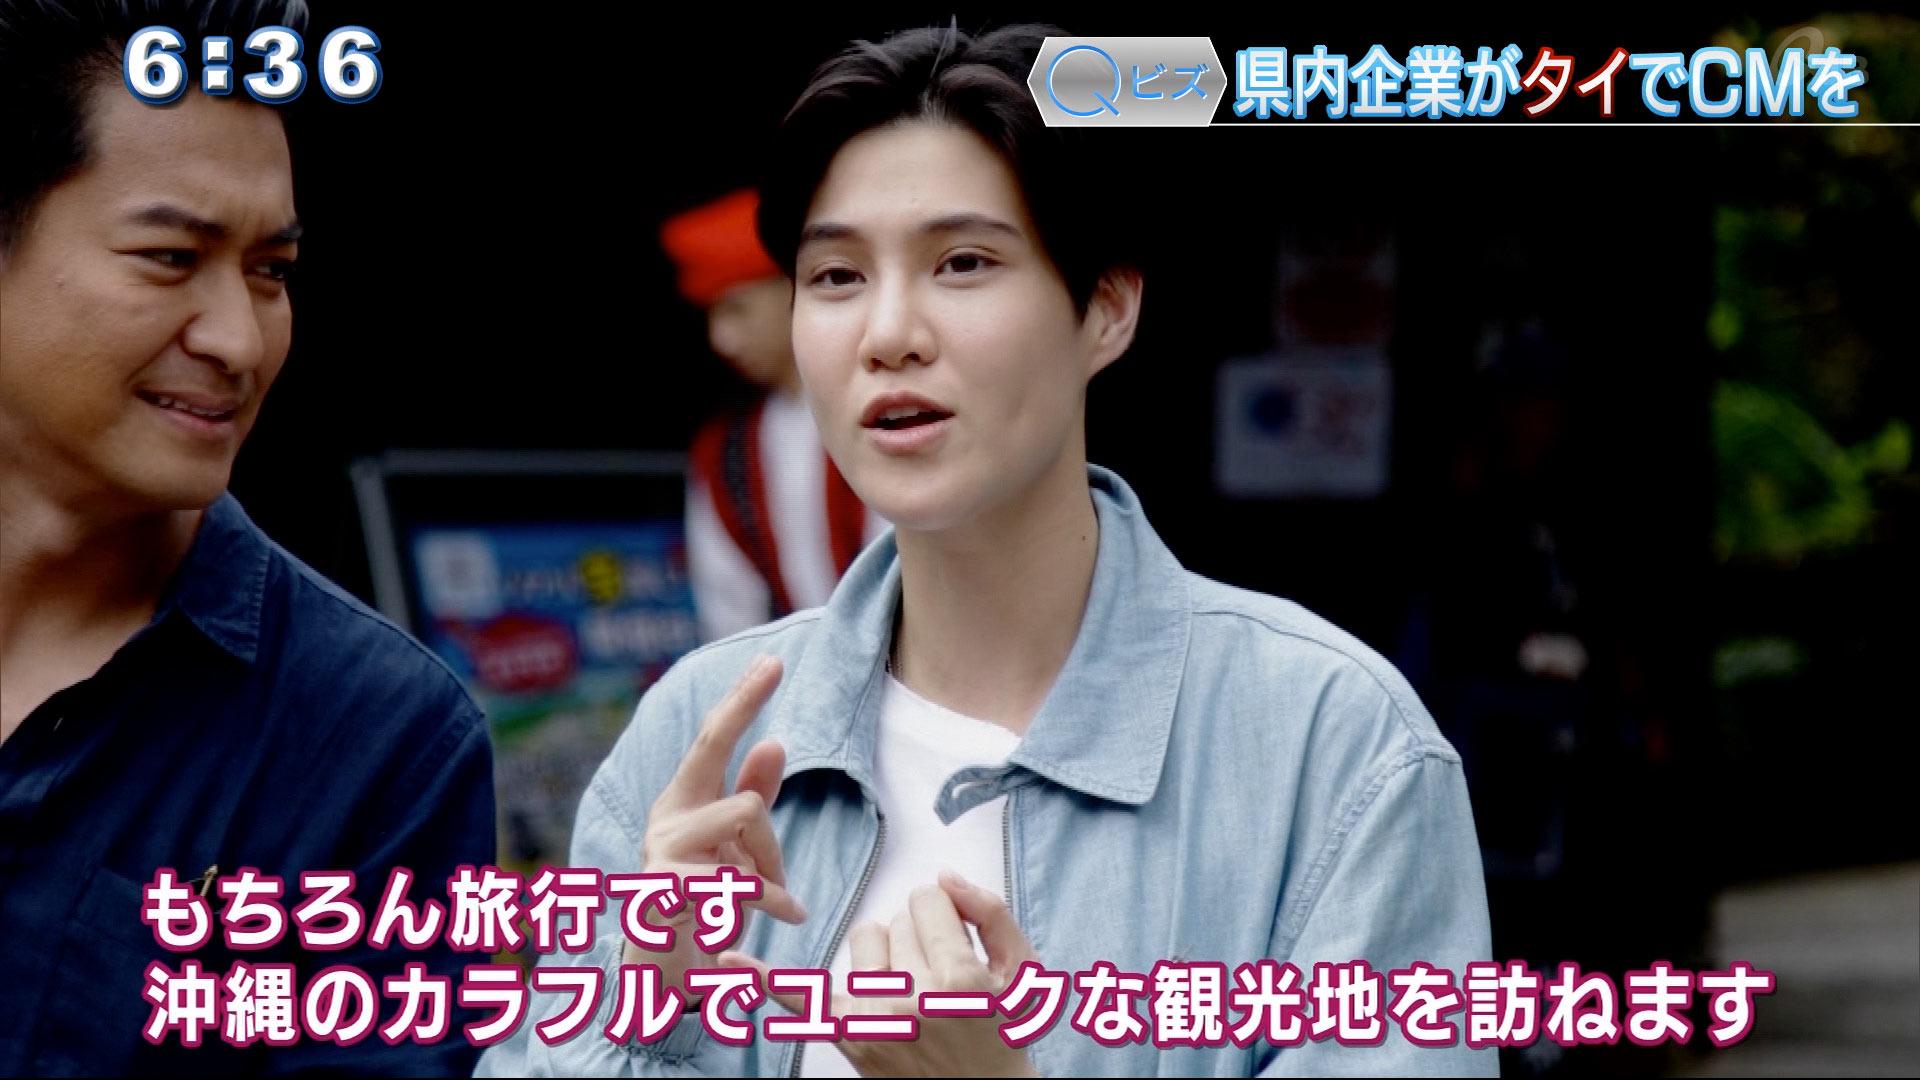 タイのNO.1視聴率チャンネルで放送されている「ルアン・ジン・パン・ジョー」